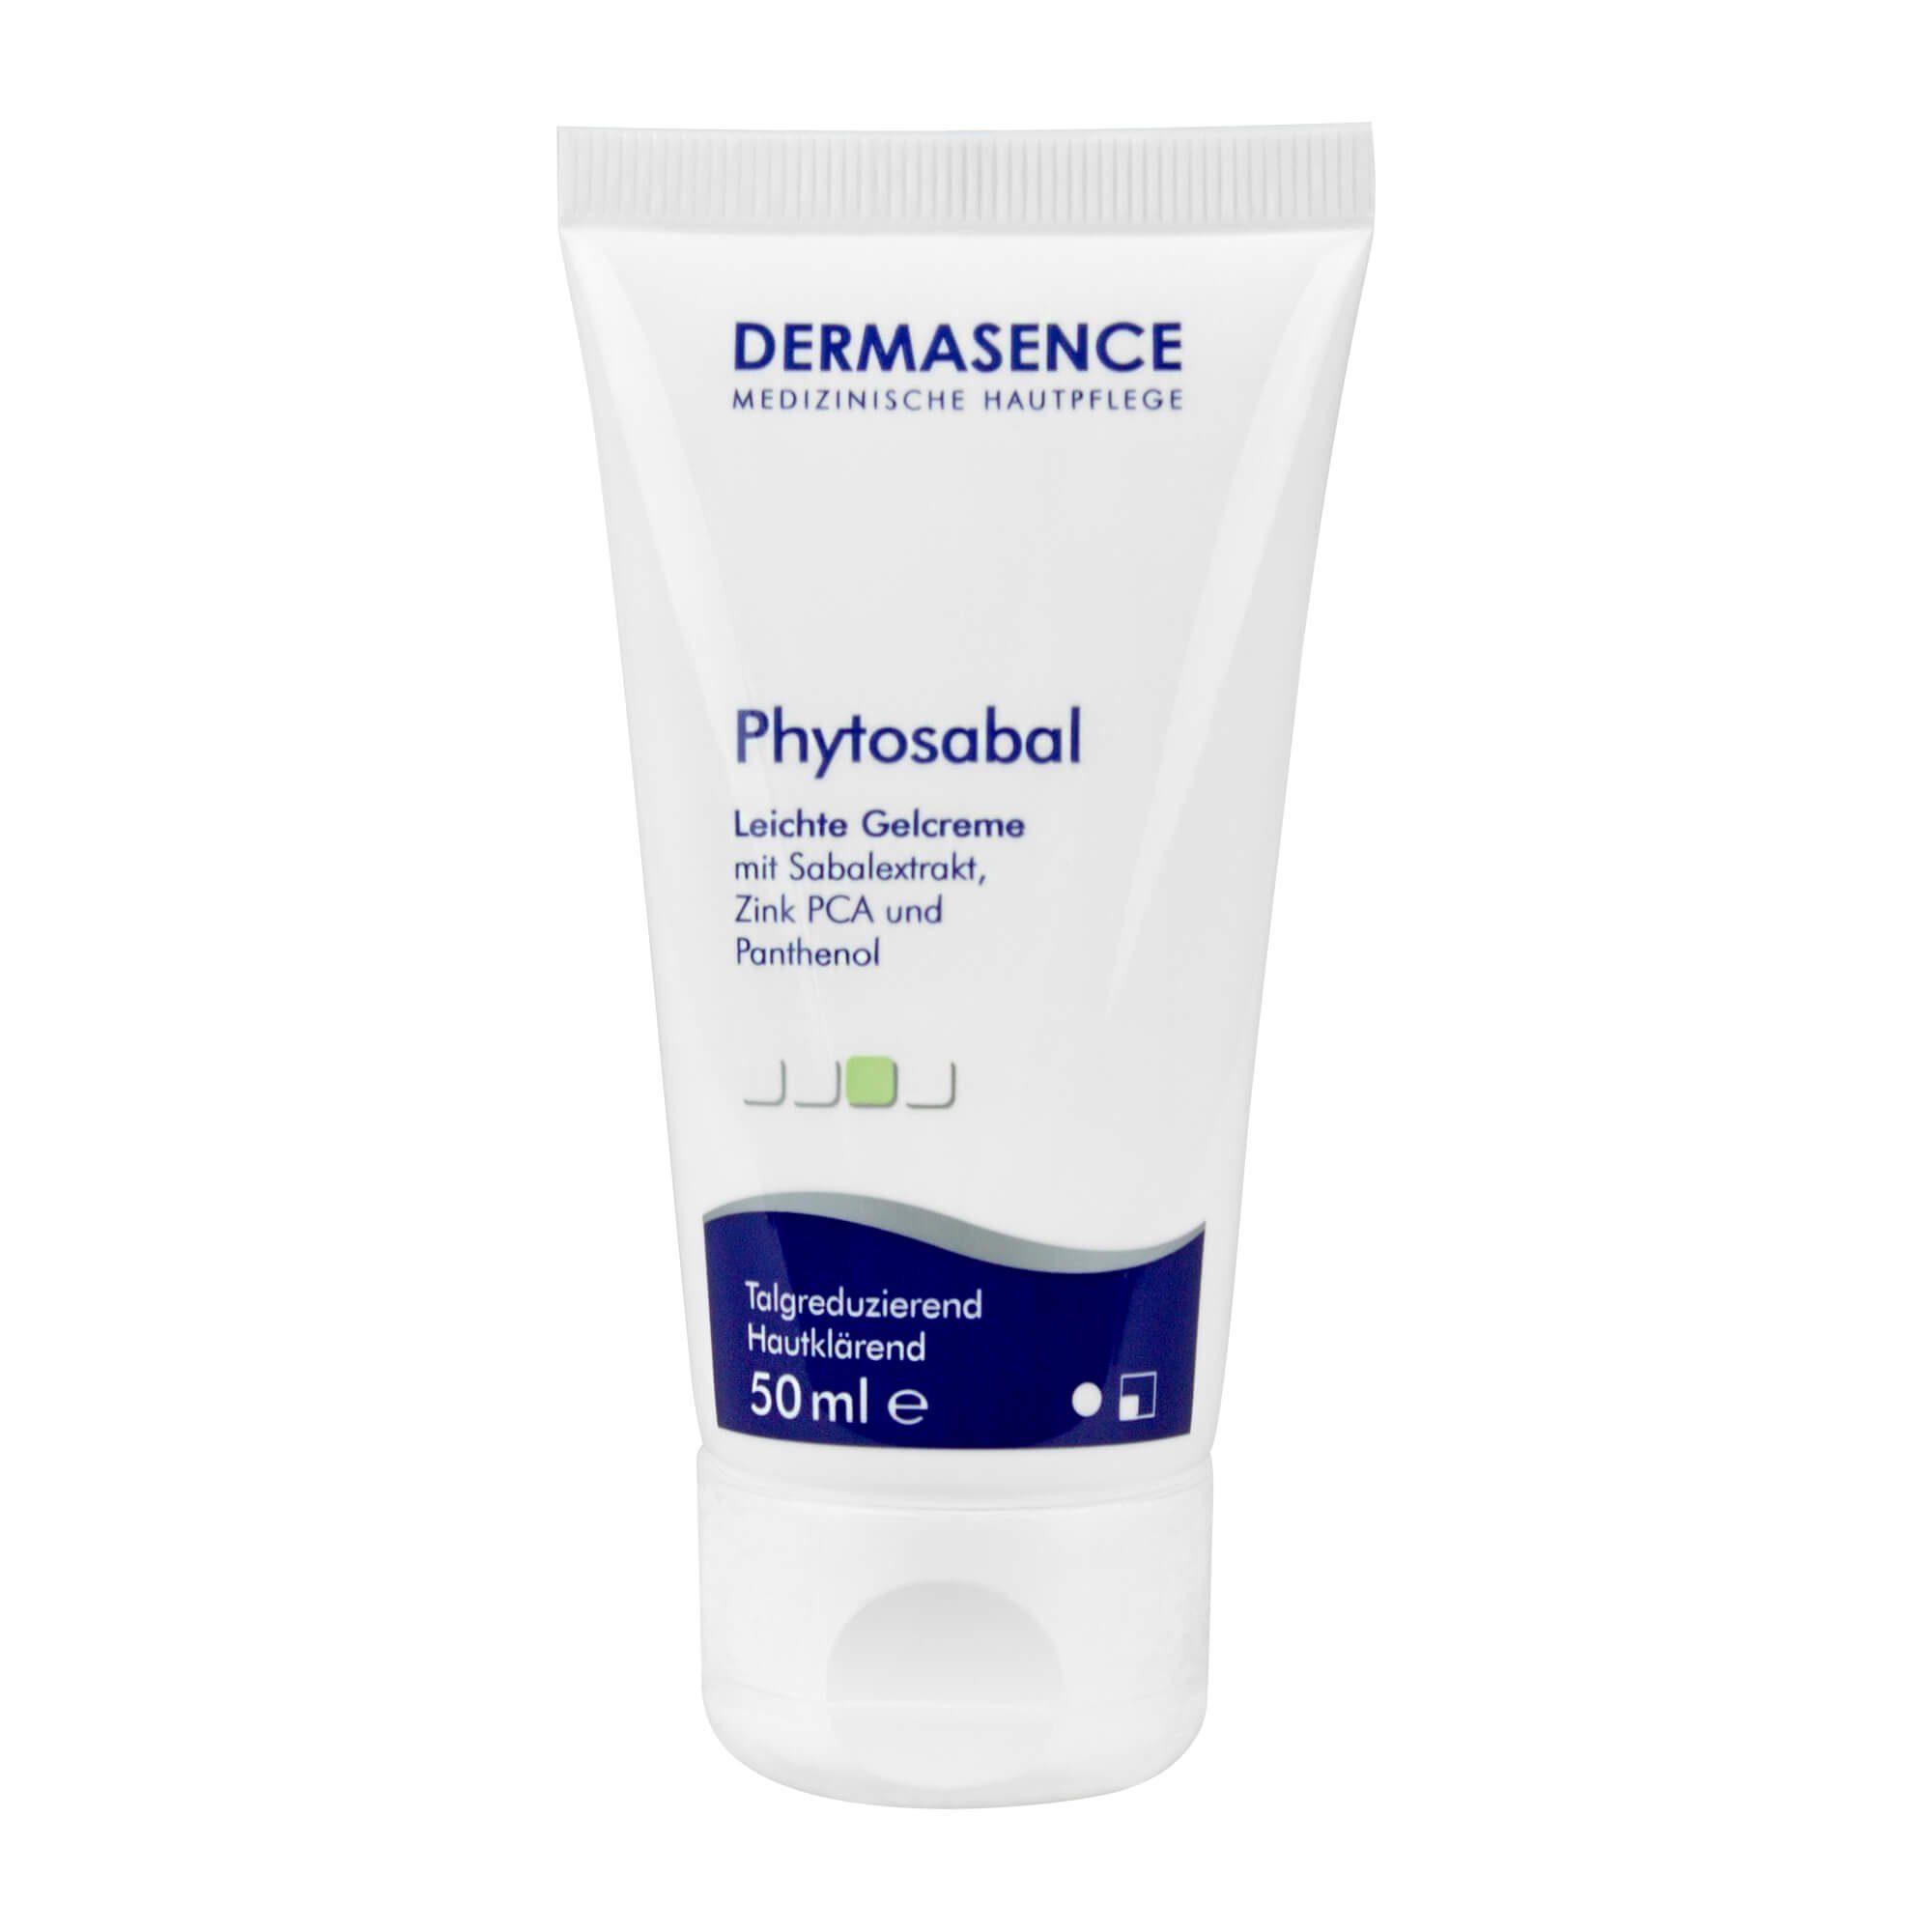 Dermasence Phytosabal, 50 ml